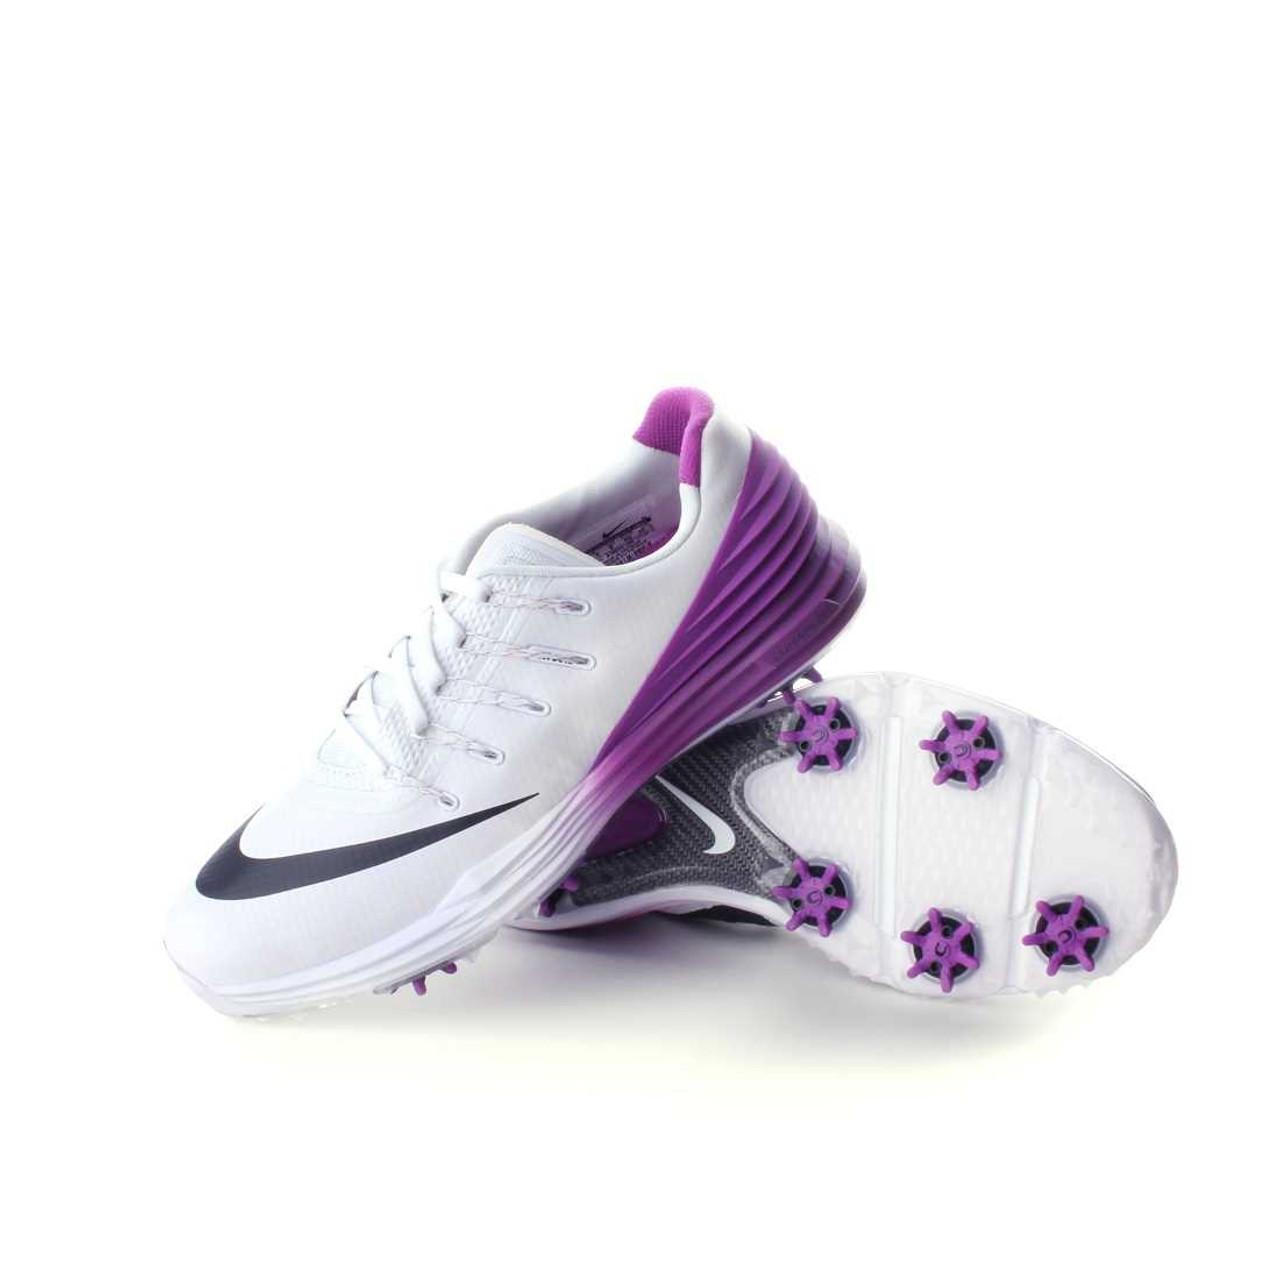 90ac31e6383d Nike Lunar Control 4 Women s Golf Shoe White Cosmic Purple